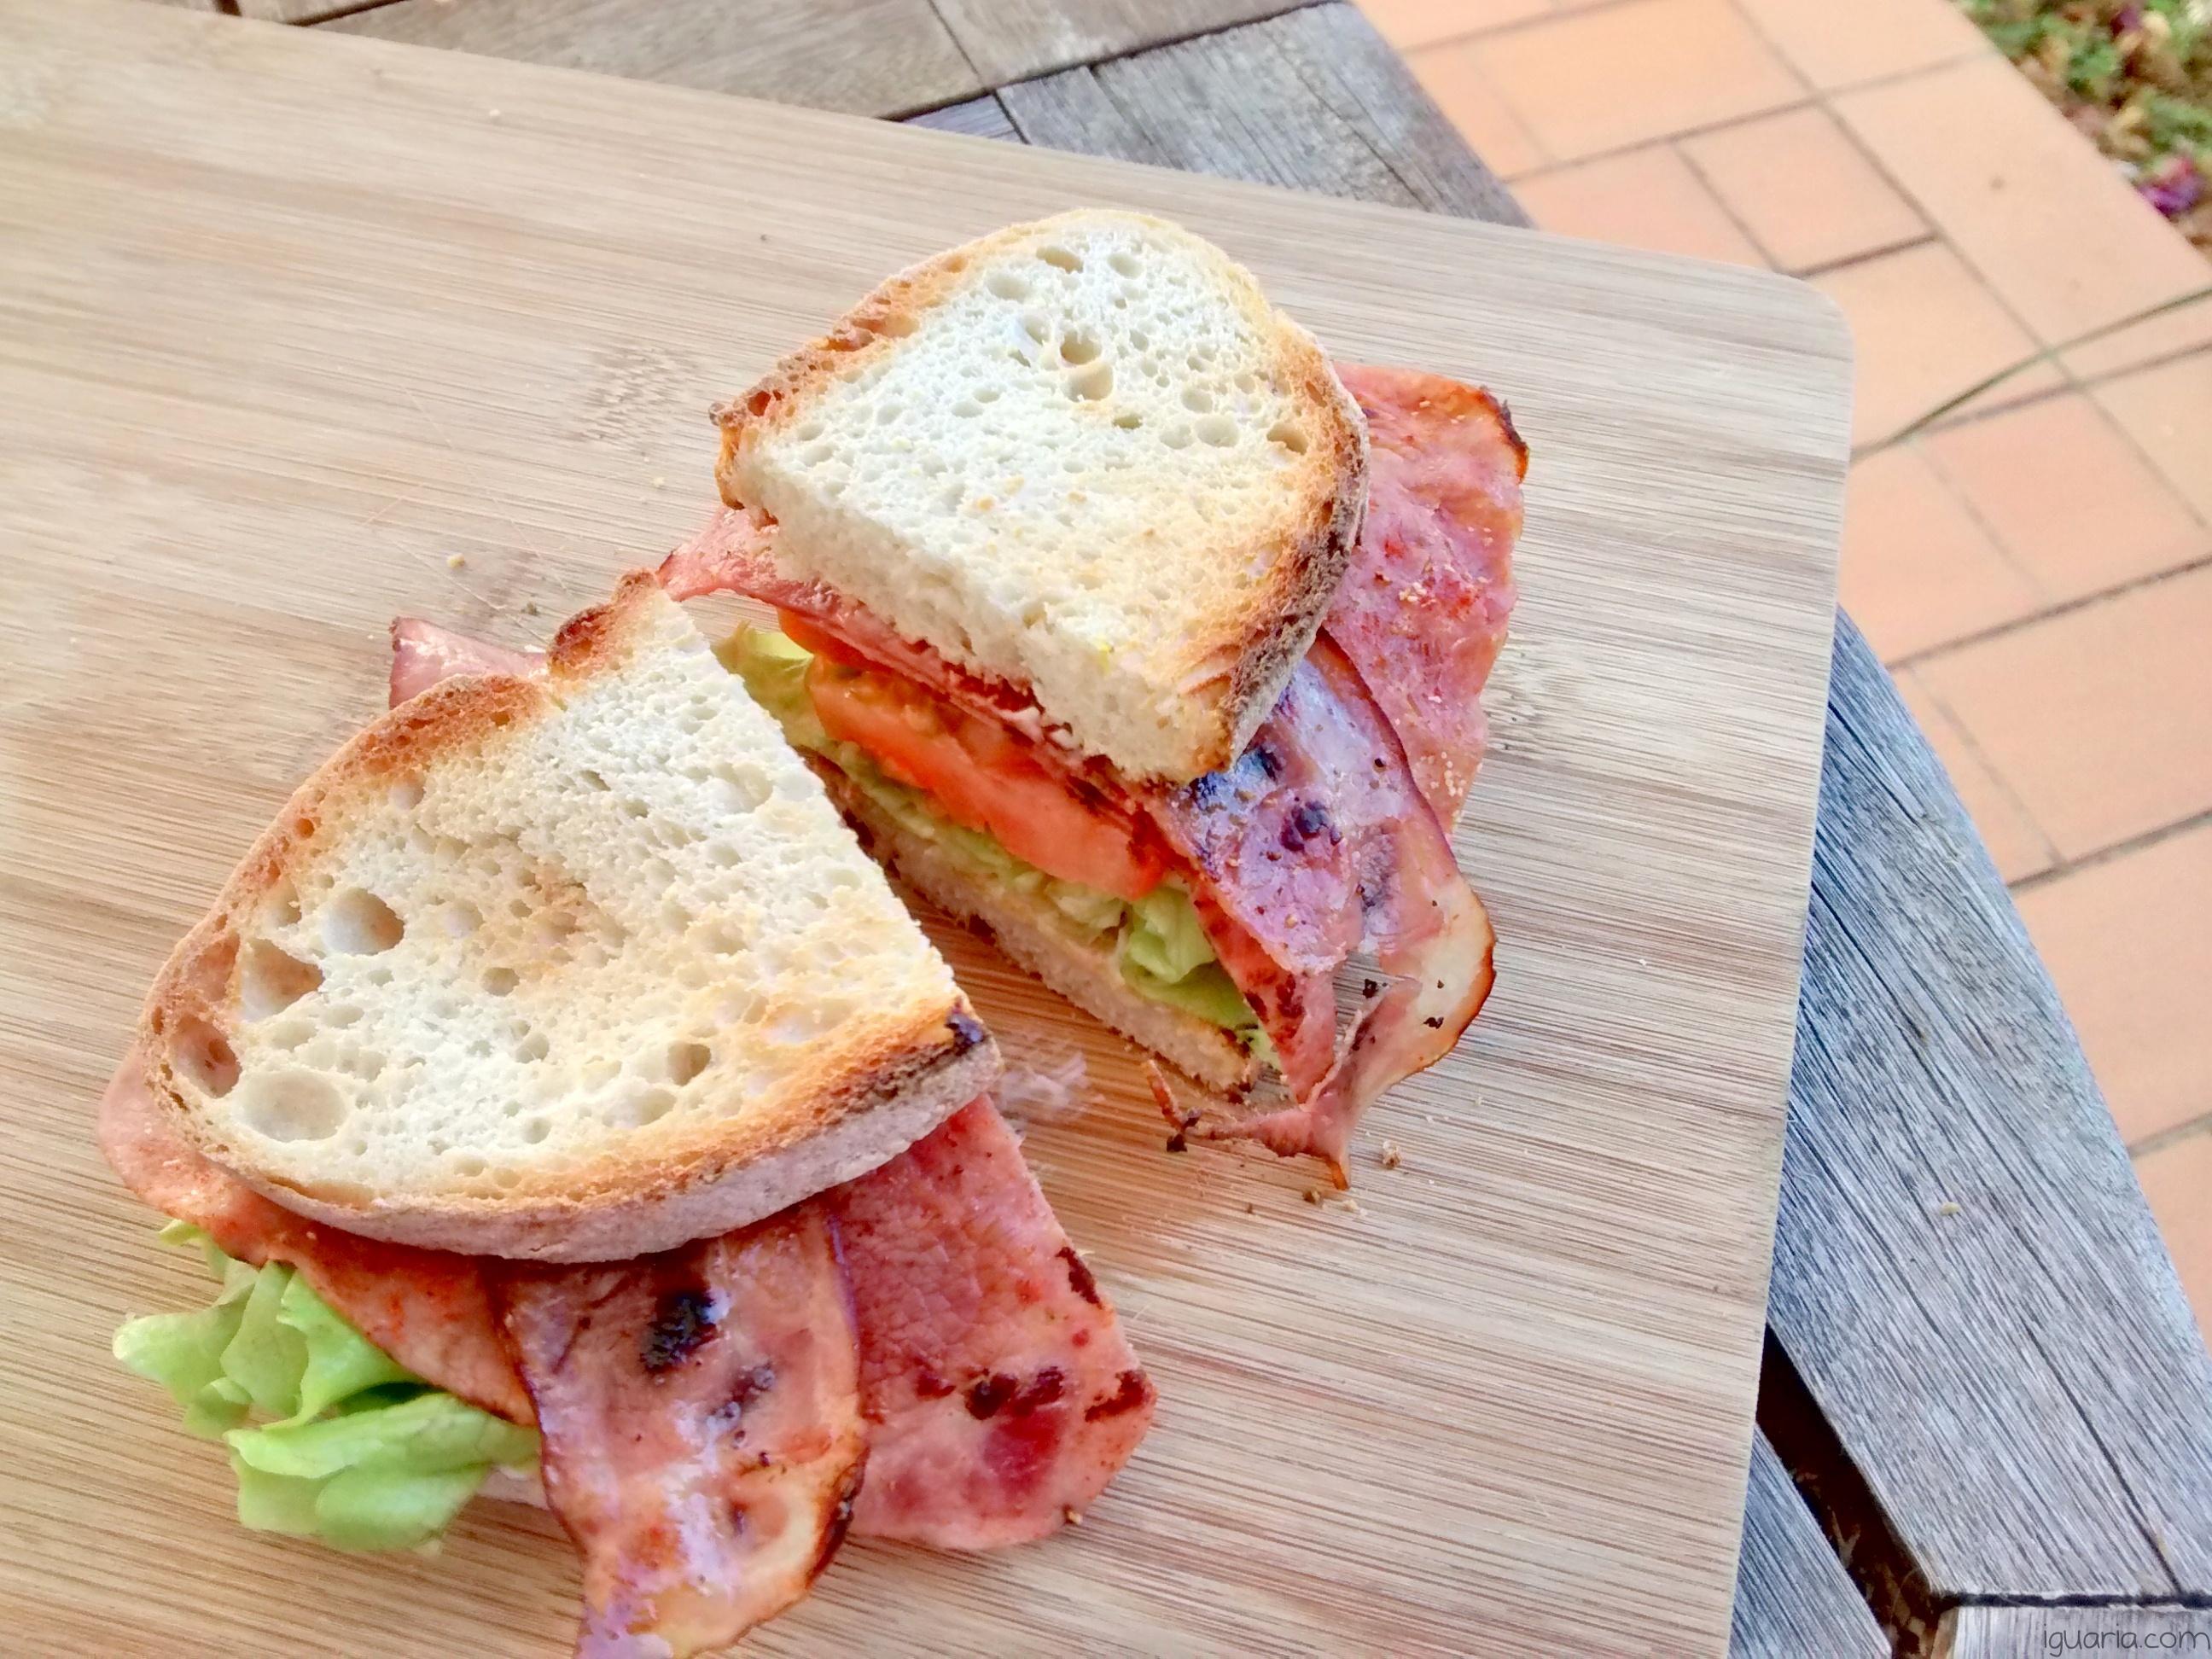 Iguaria_Sandes-de-Fiambre-e-Bacon-Frito